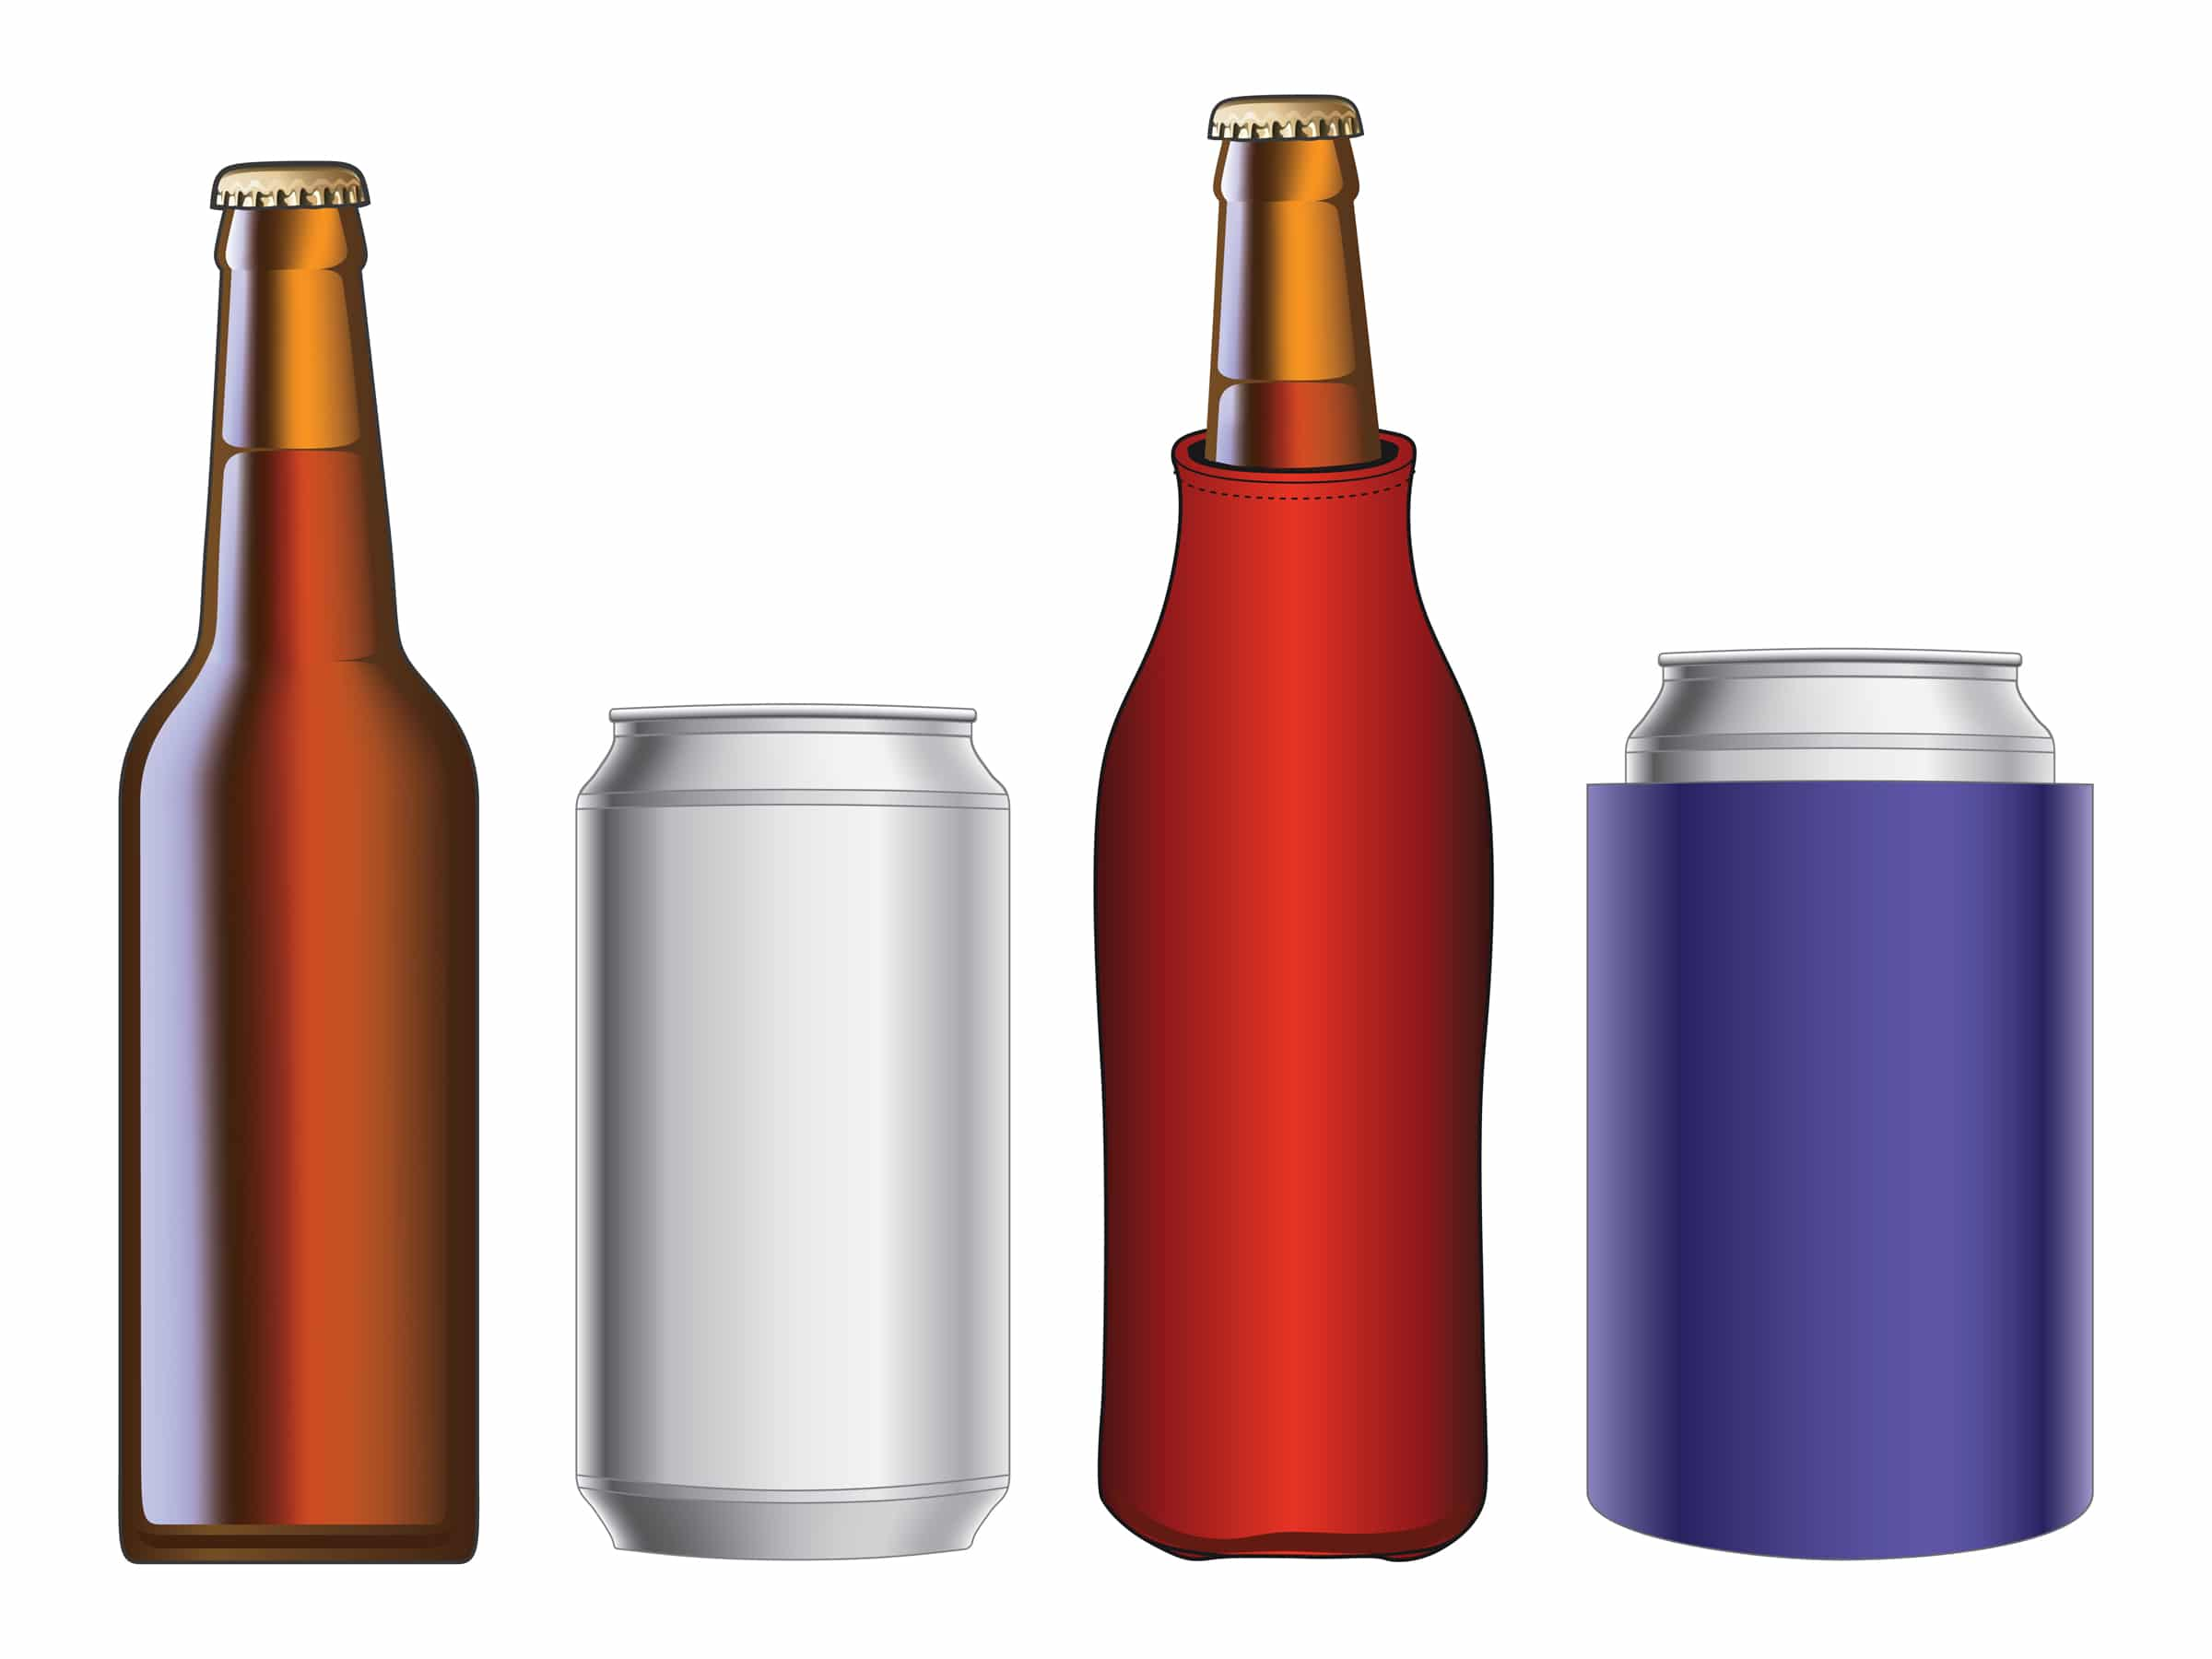 beer bottle coolers and insulators